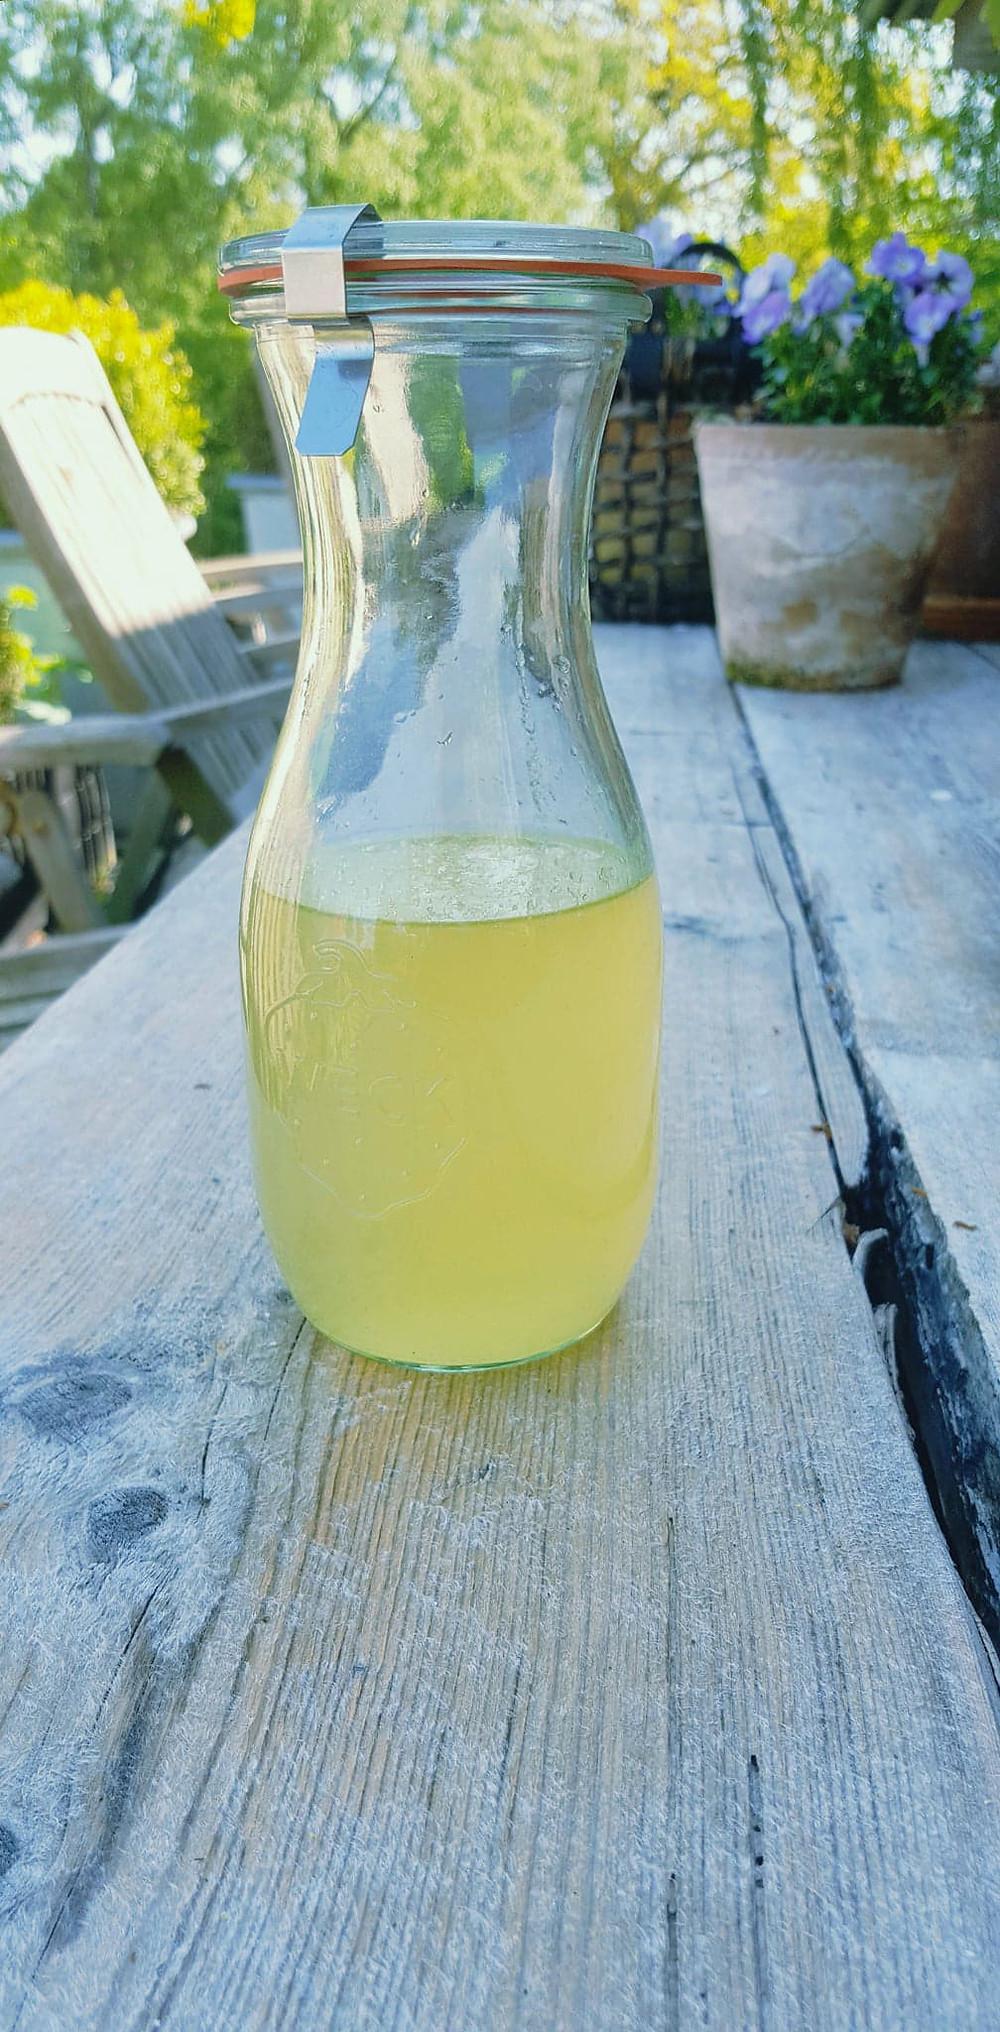 Færdig citron-sirup - få opskriften her